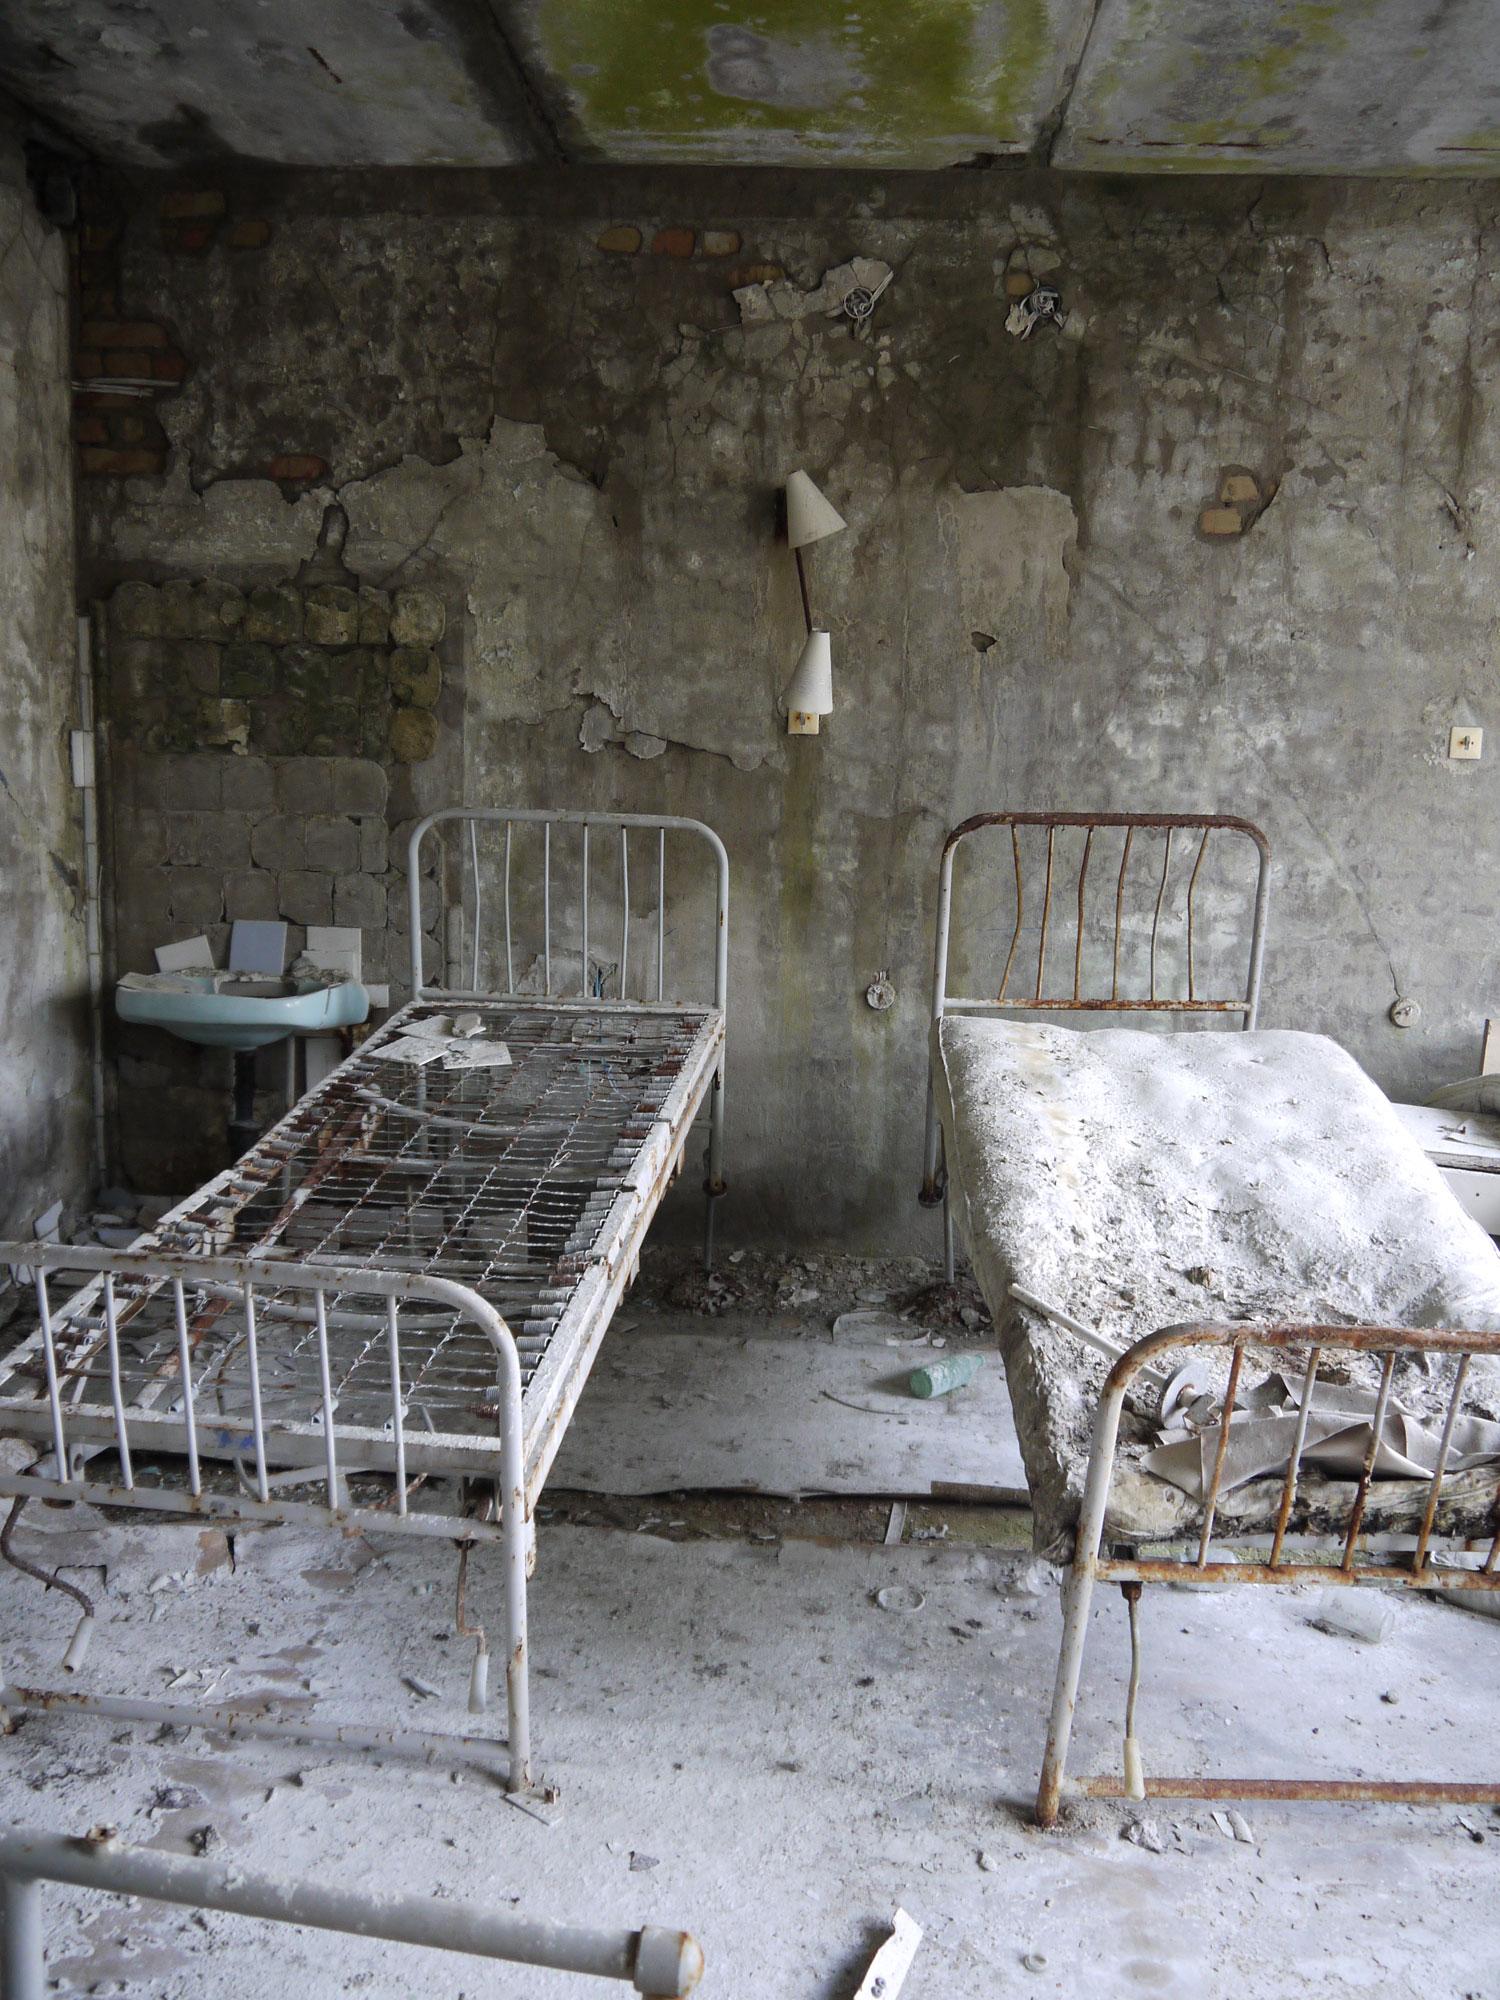 chernobyl-48